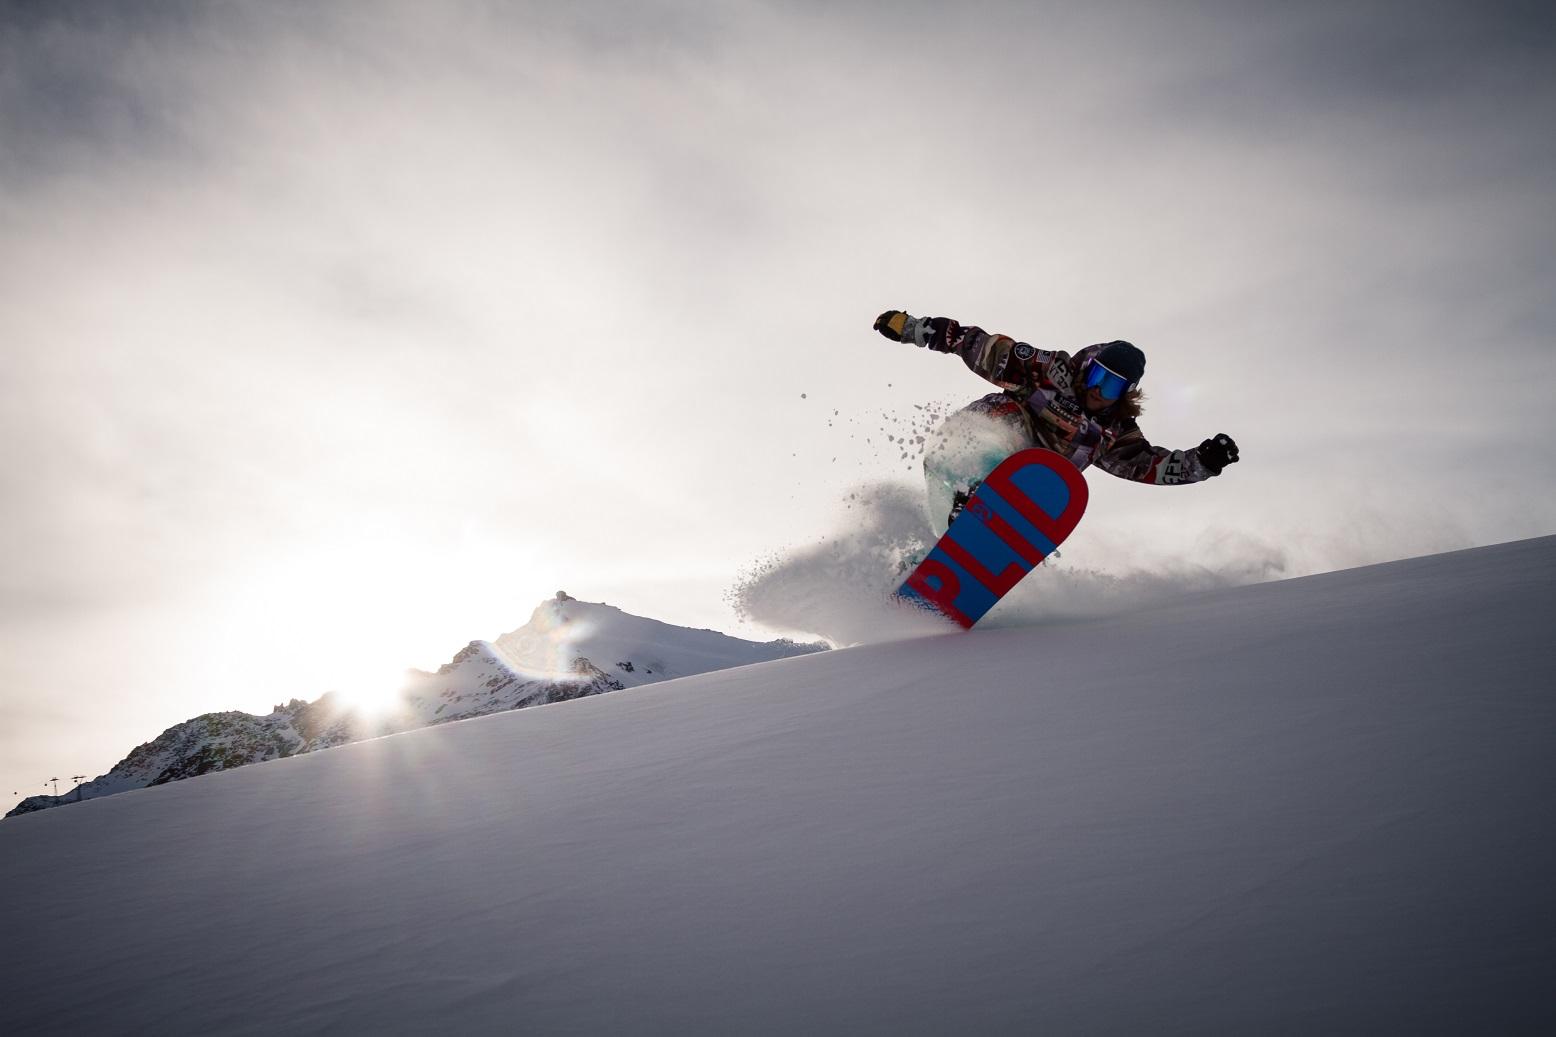 tiefschnee, turn, snowboarder, powder